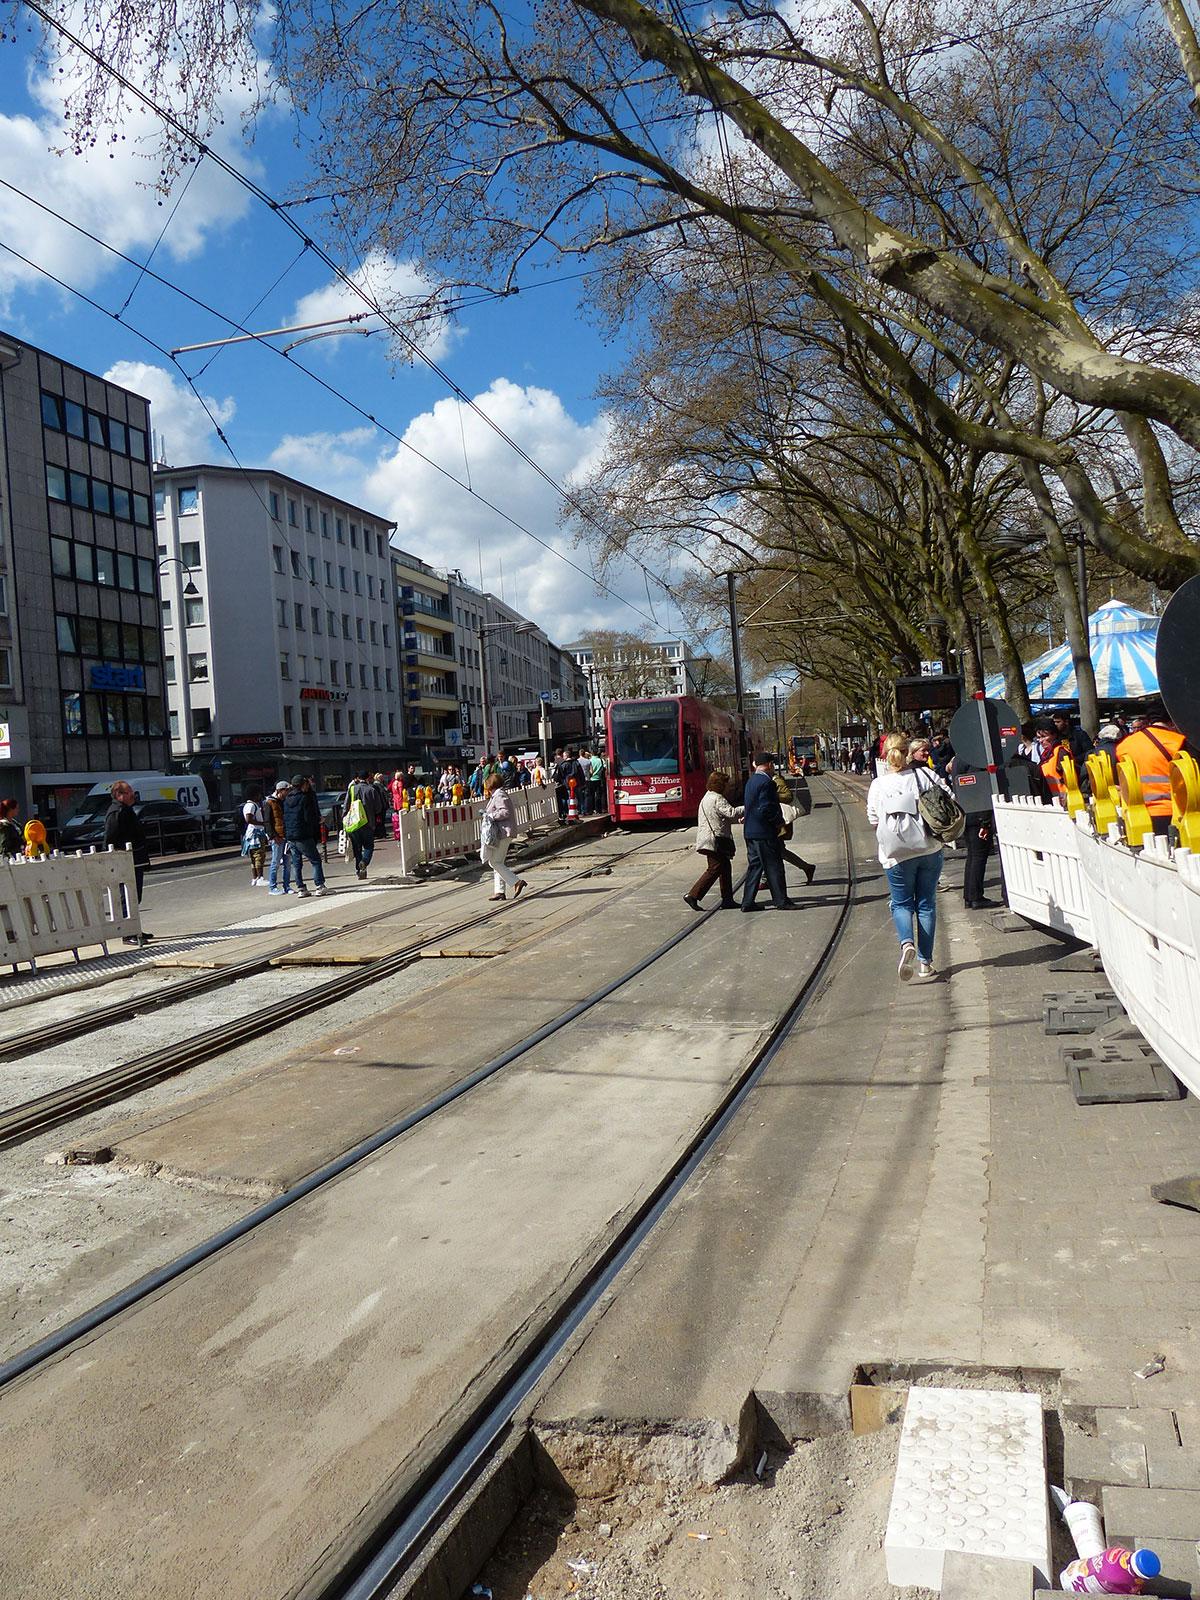 Sicherung des Gleisübergangs im Baustellenbereich am Neumarkt. (Foto: Kathrin Huth und Hanna Stein)